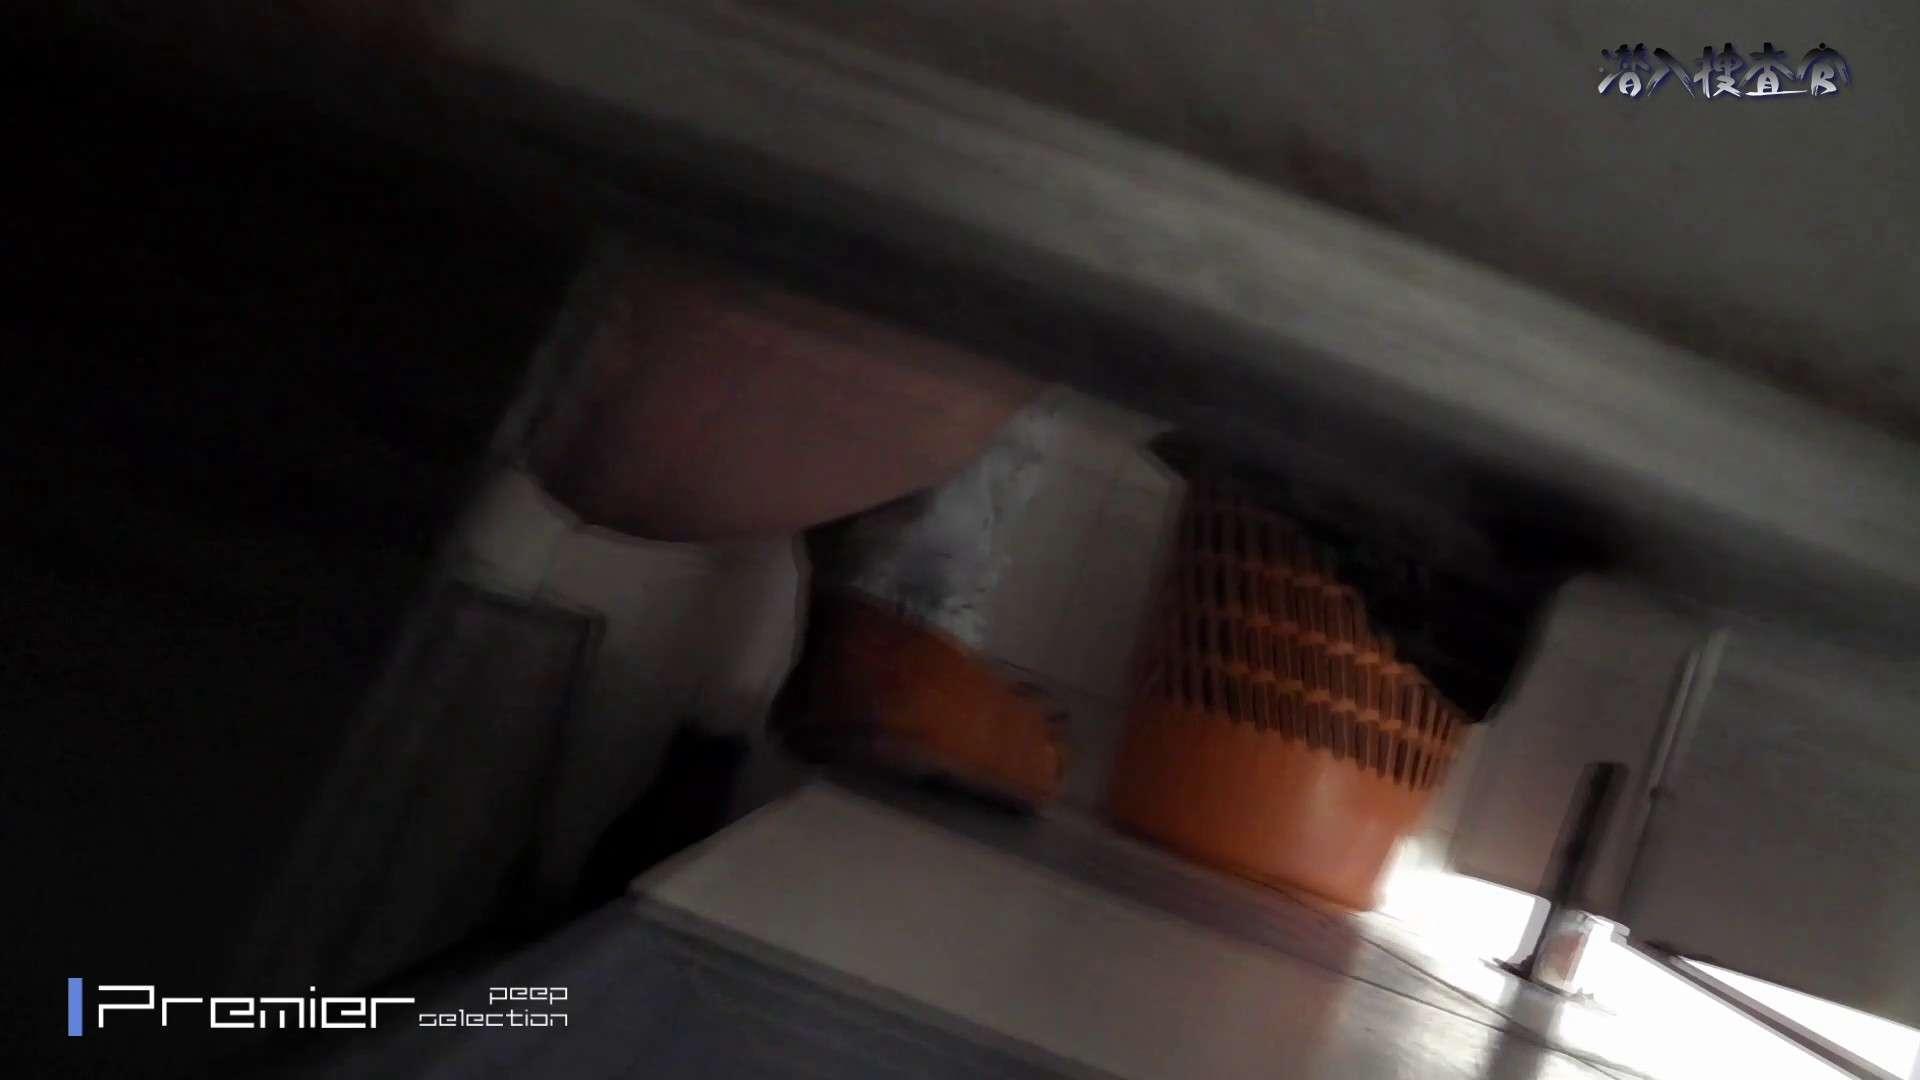 下からノゾム vol.041 携帯に夢中、後ろに居るカメラはやりたい放題! エロくん潜入 エロ画像 71連発 27